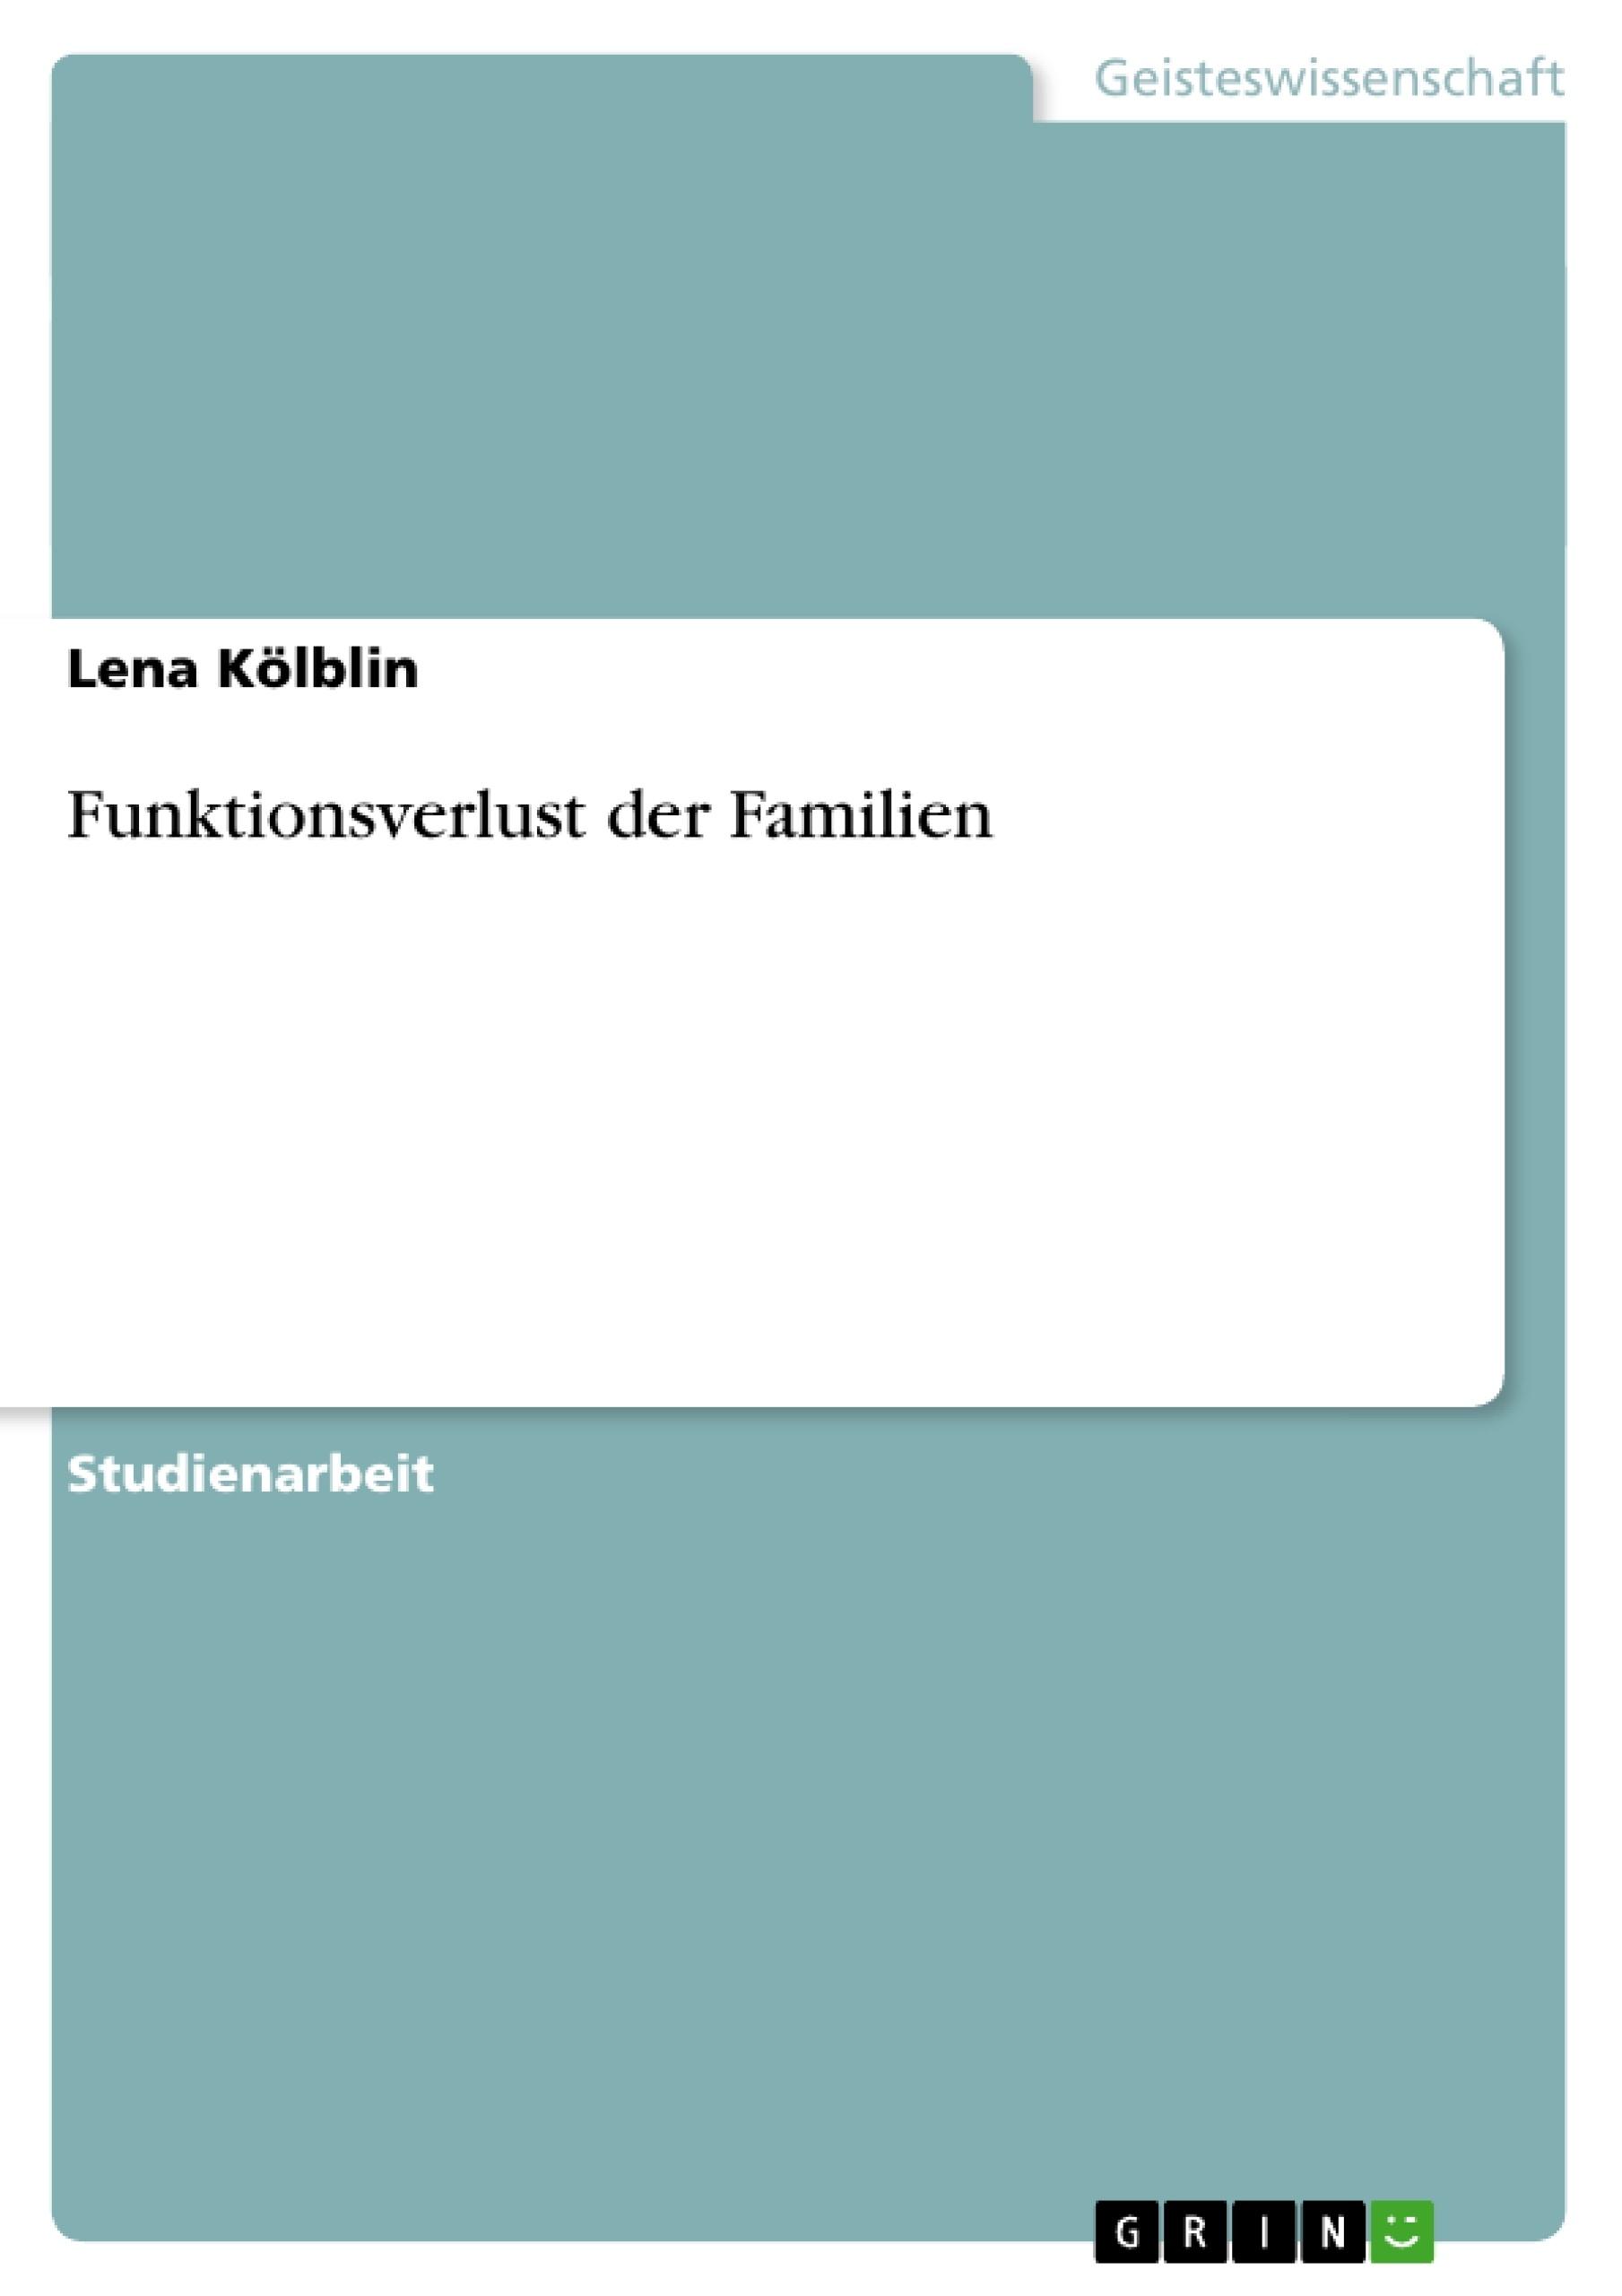 Titel: Funktionsverlust der Familien